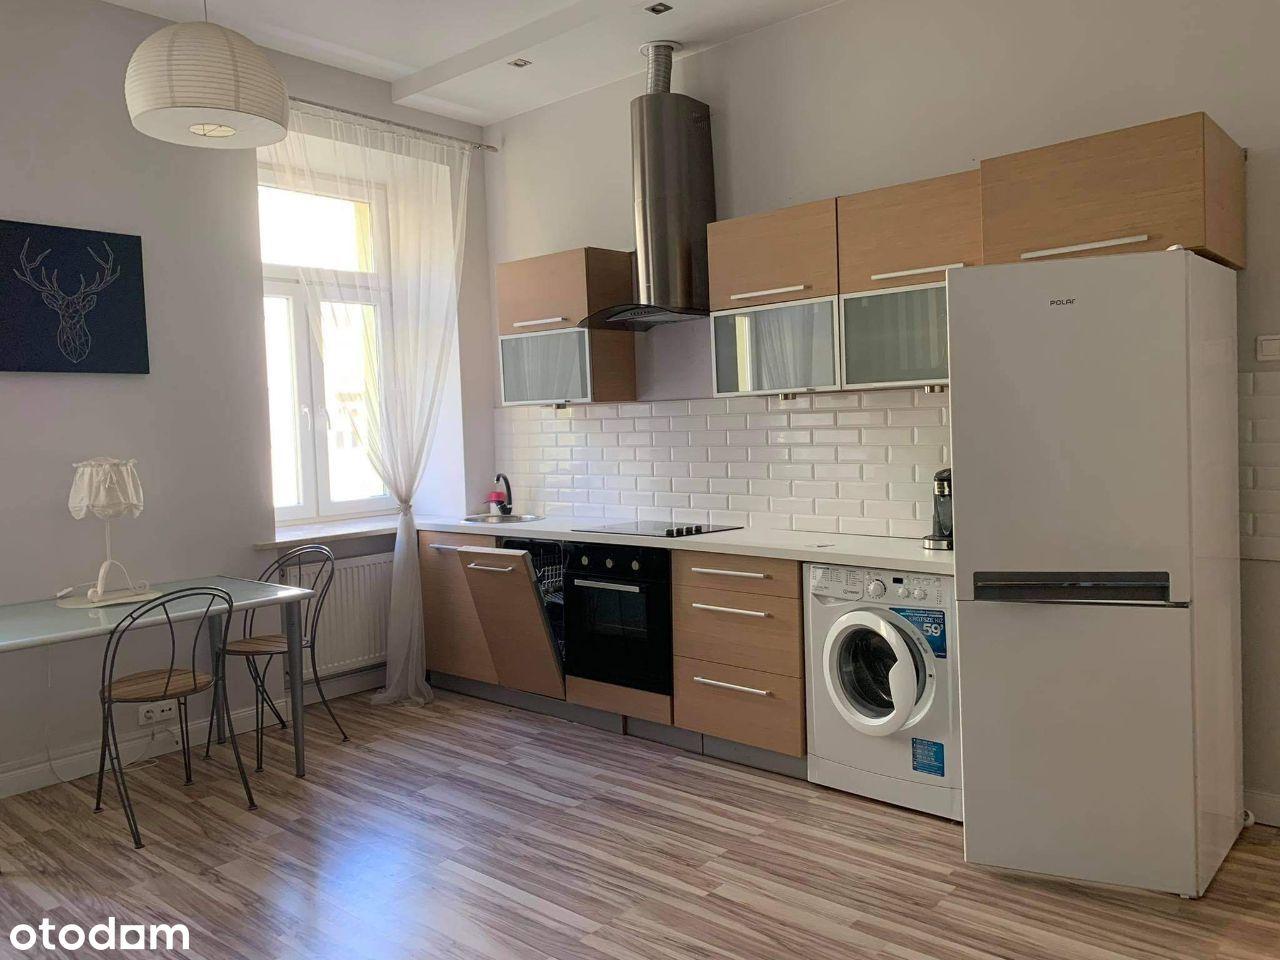 Mieszkanie Do Wynajęcia - 38m2, przy Manufakturze